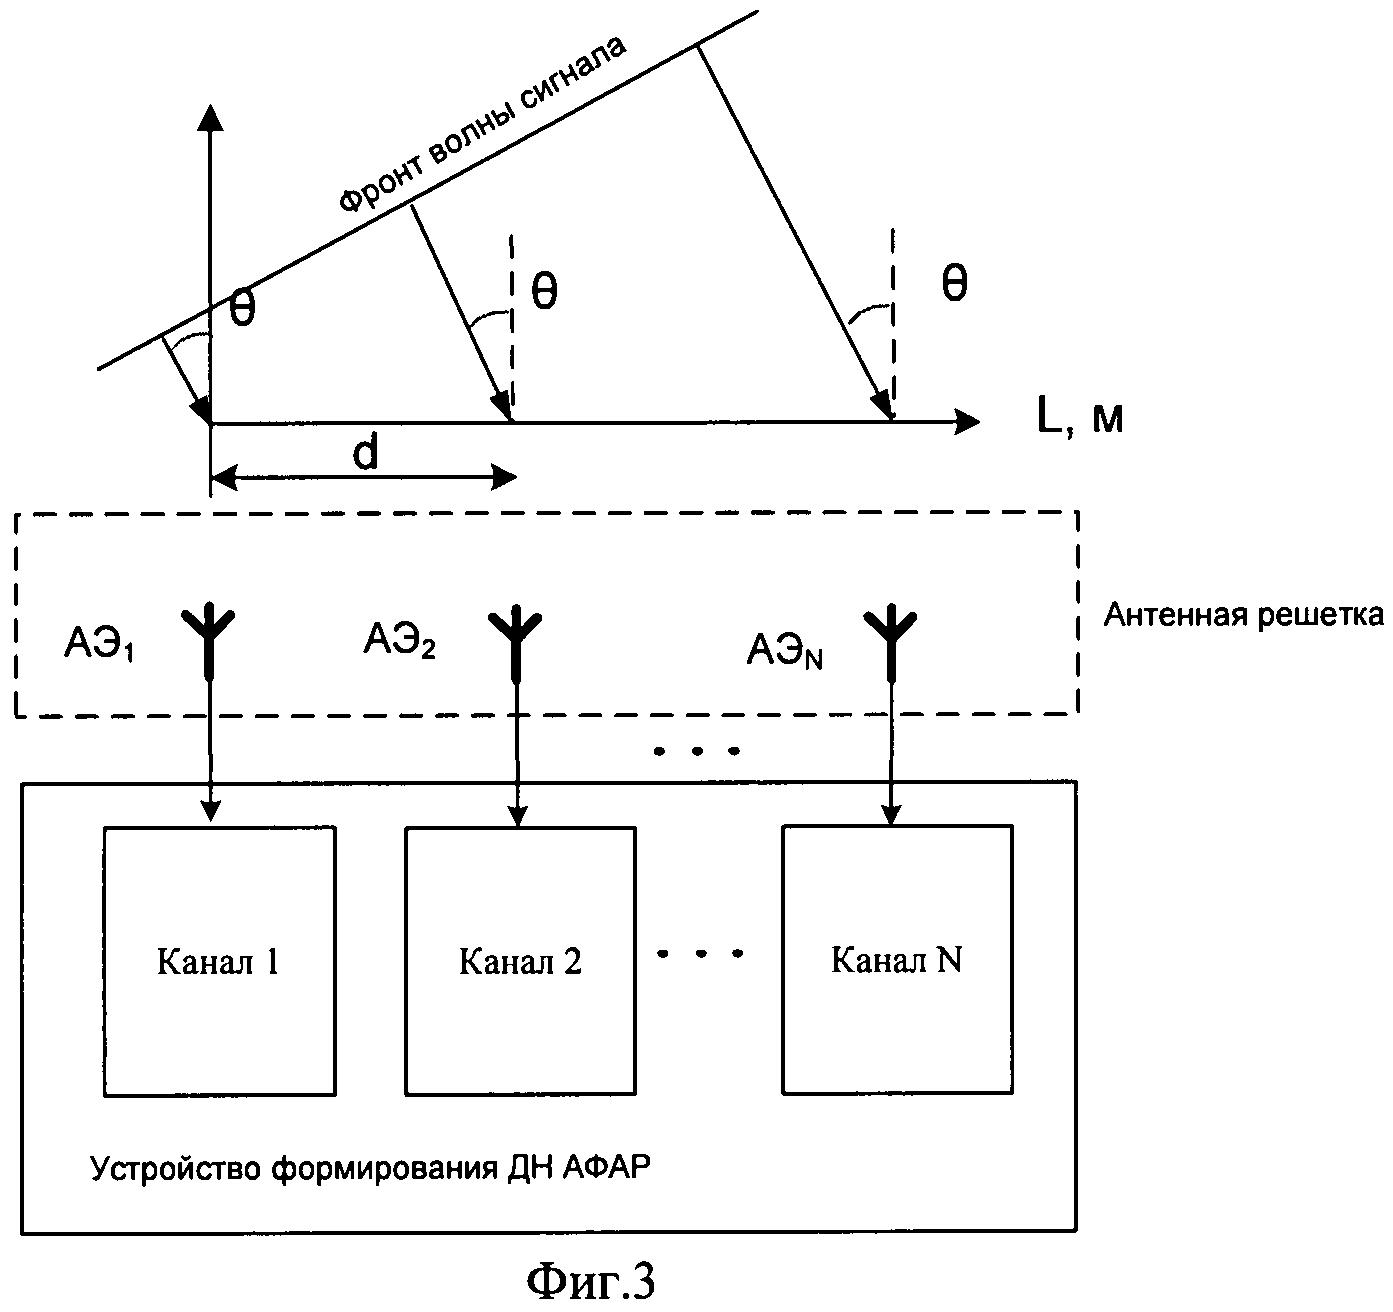 Устройство формирования диаграммы направленности активной фазированной антенной решетки